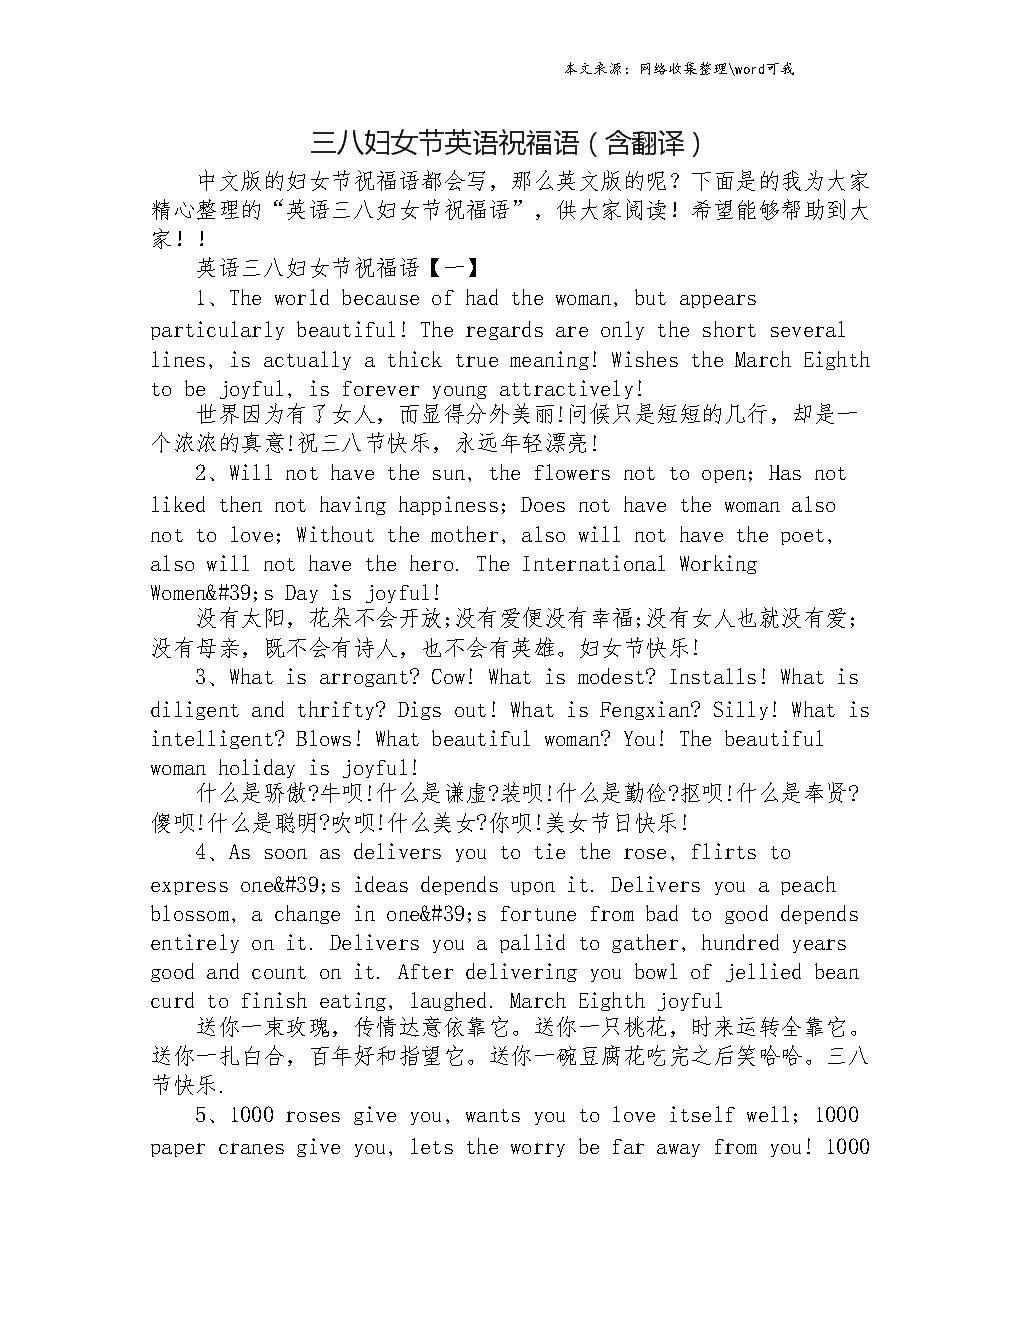 三八妇女节英语祝福语(含翻译) .doc